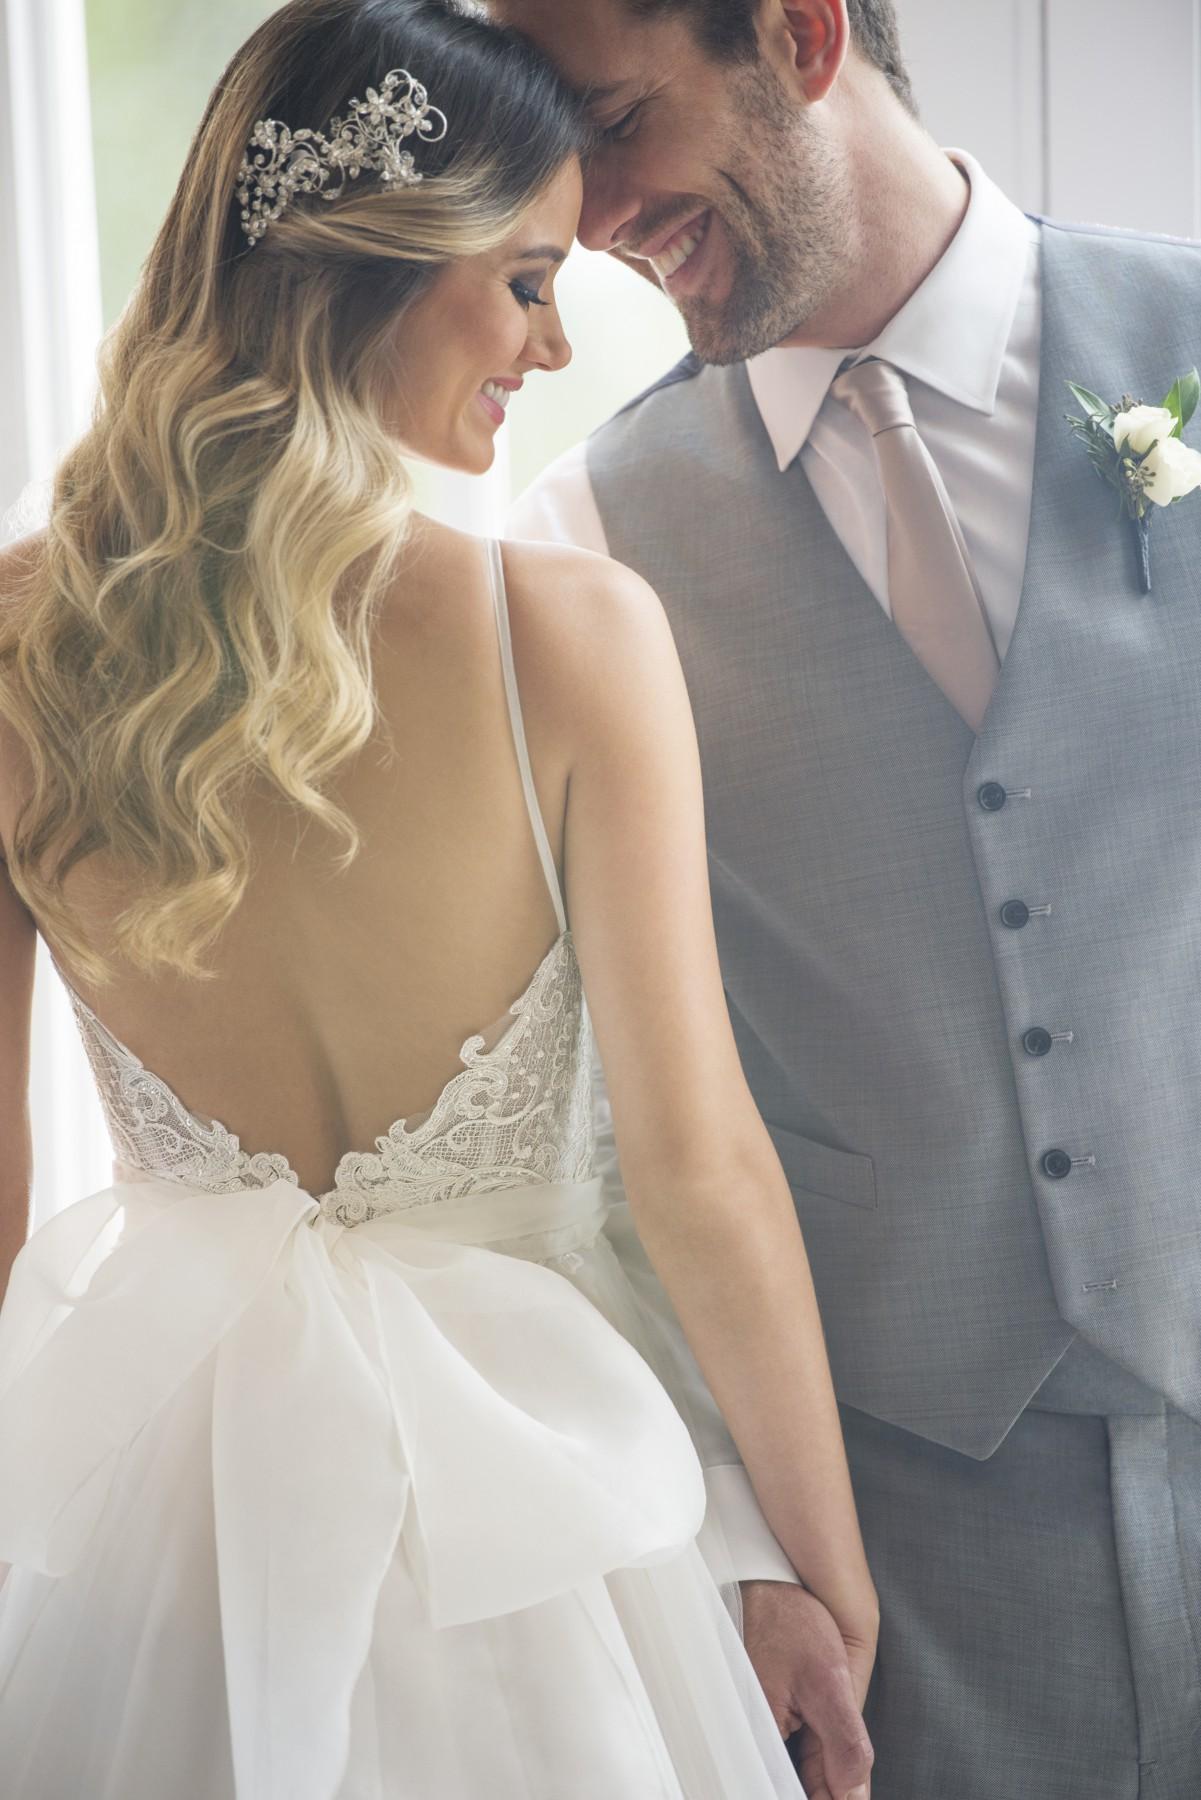 Gekleurde Trouwjurk Kopen The New Bride